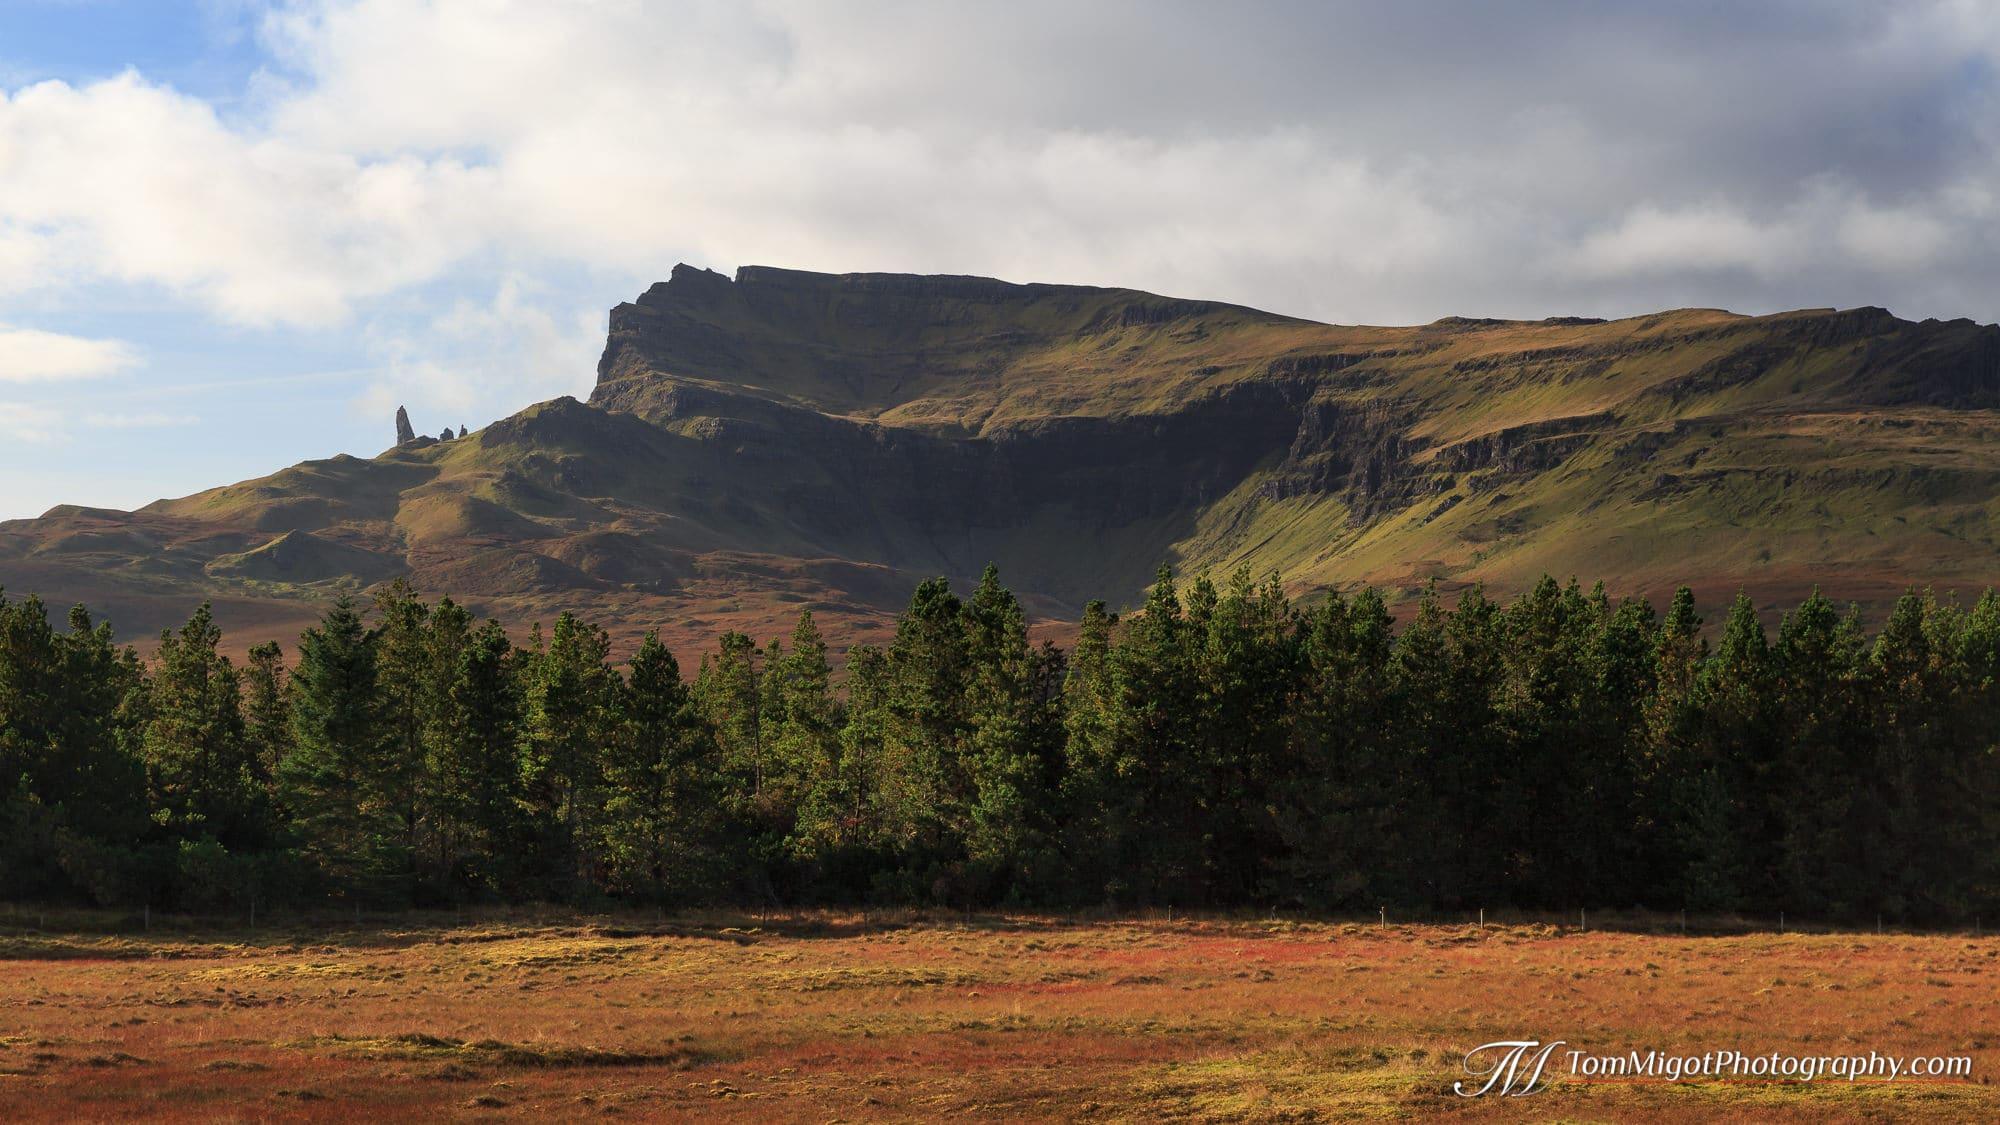 Le Old Man of Storr sur l'Ile de Skye en Ecosse photographié à l'automne